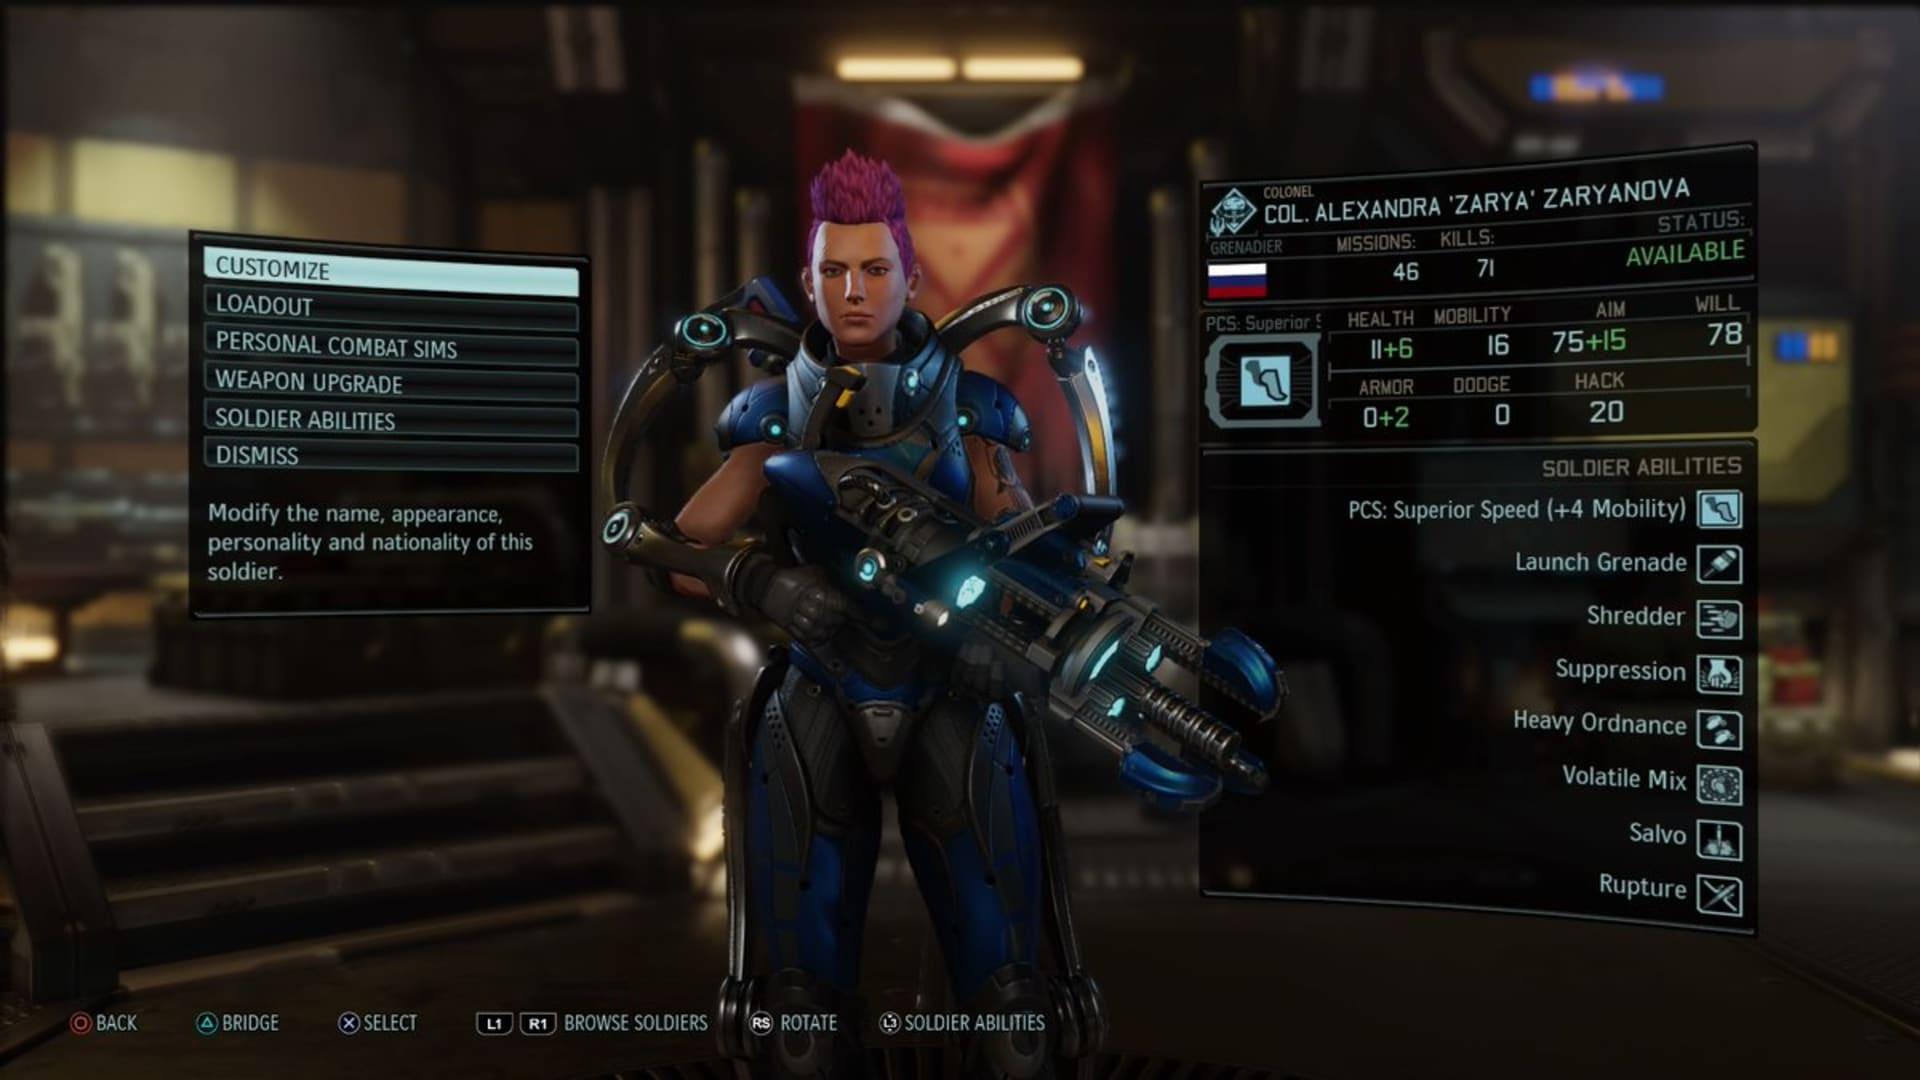 Overwatch-karaktärer återskapade i Xcom 2